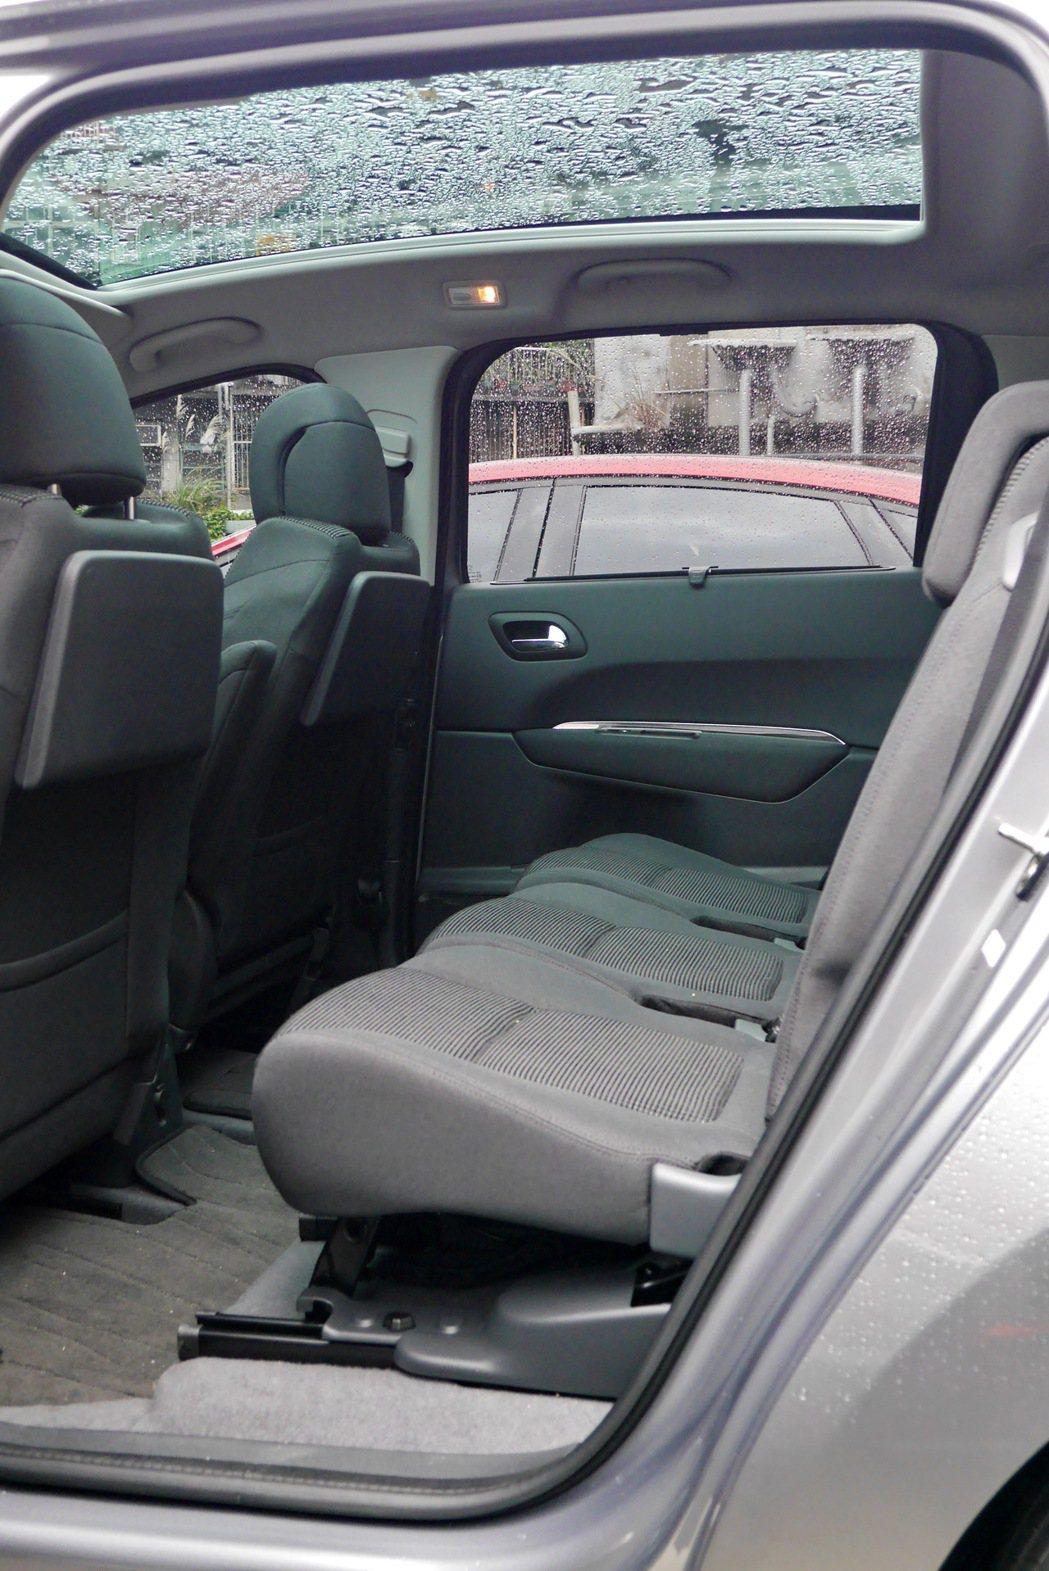 後座空間充裕,搭配上大面積的全景式玻璃車頂,讓乘坐感受再升級。 記者陳威任/攝影